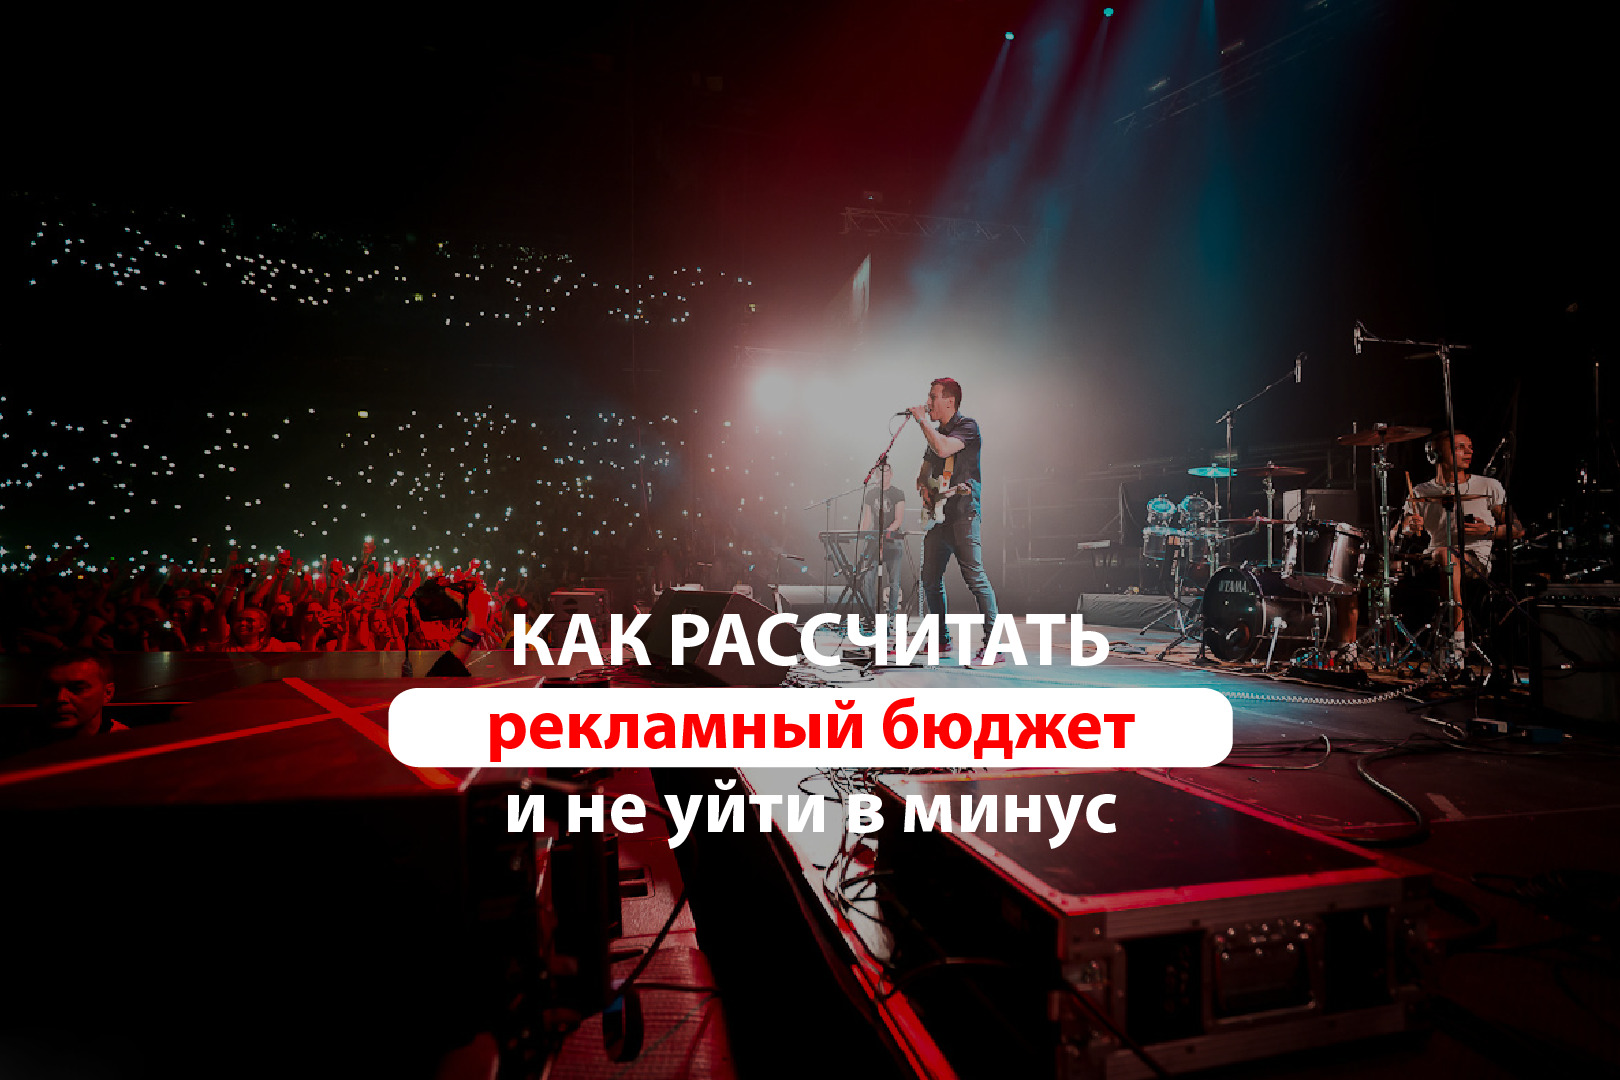 Как рассчитать рекламный бюджет компании и не уйти в минус агентство l-io.ru